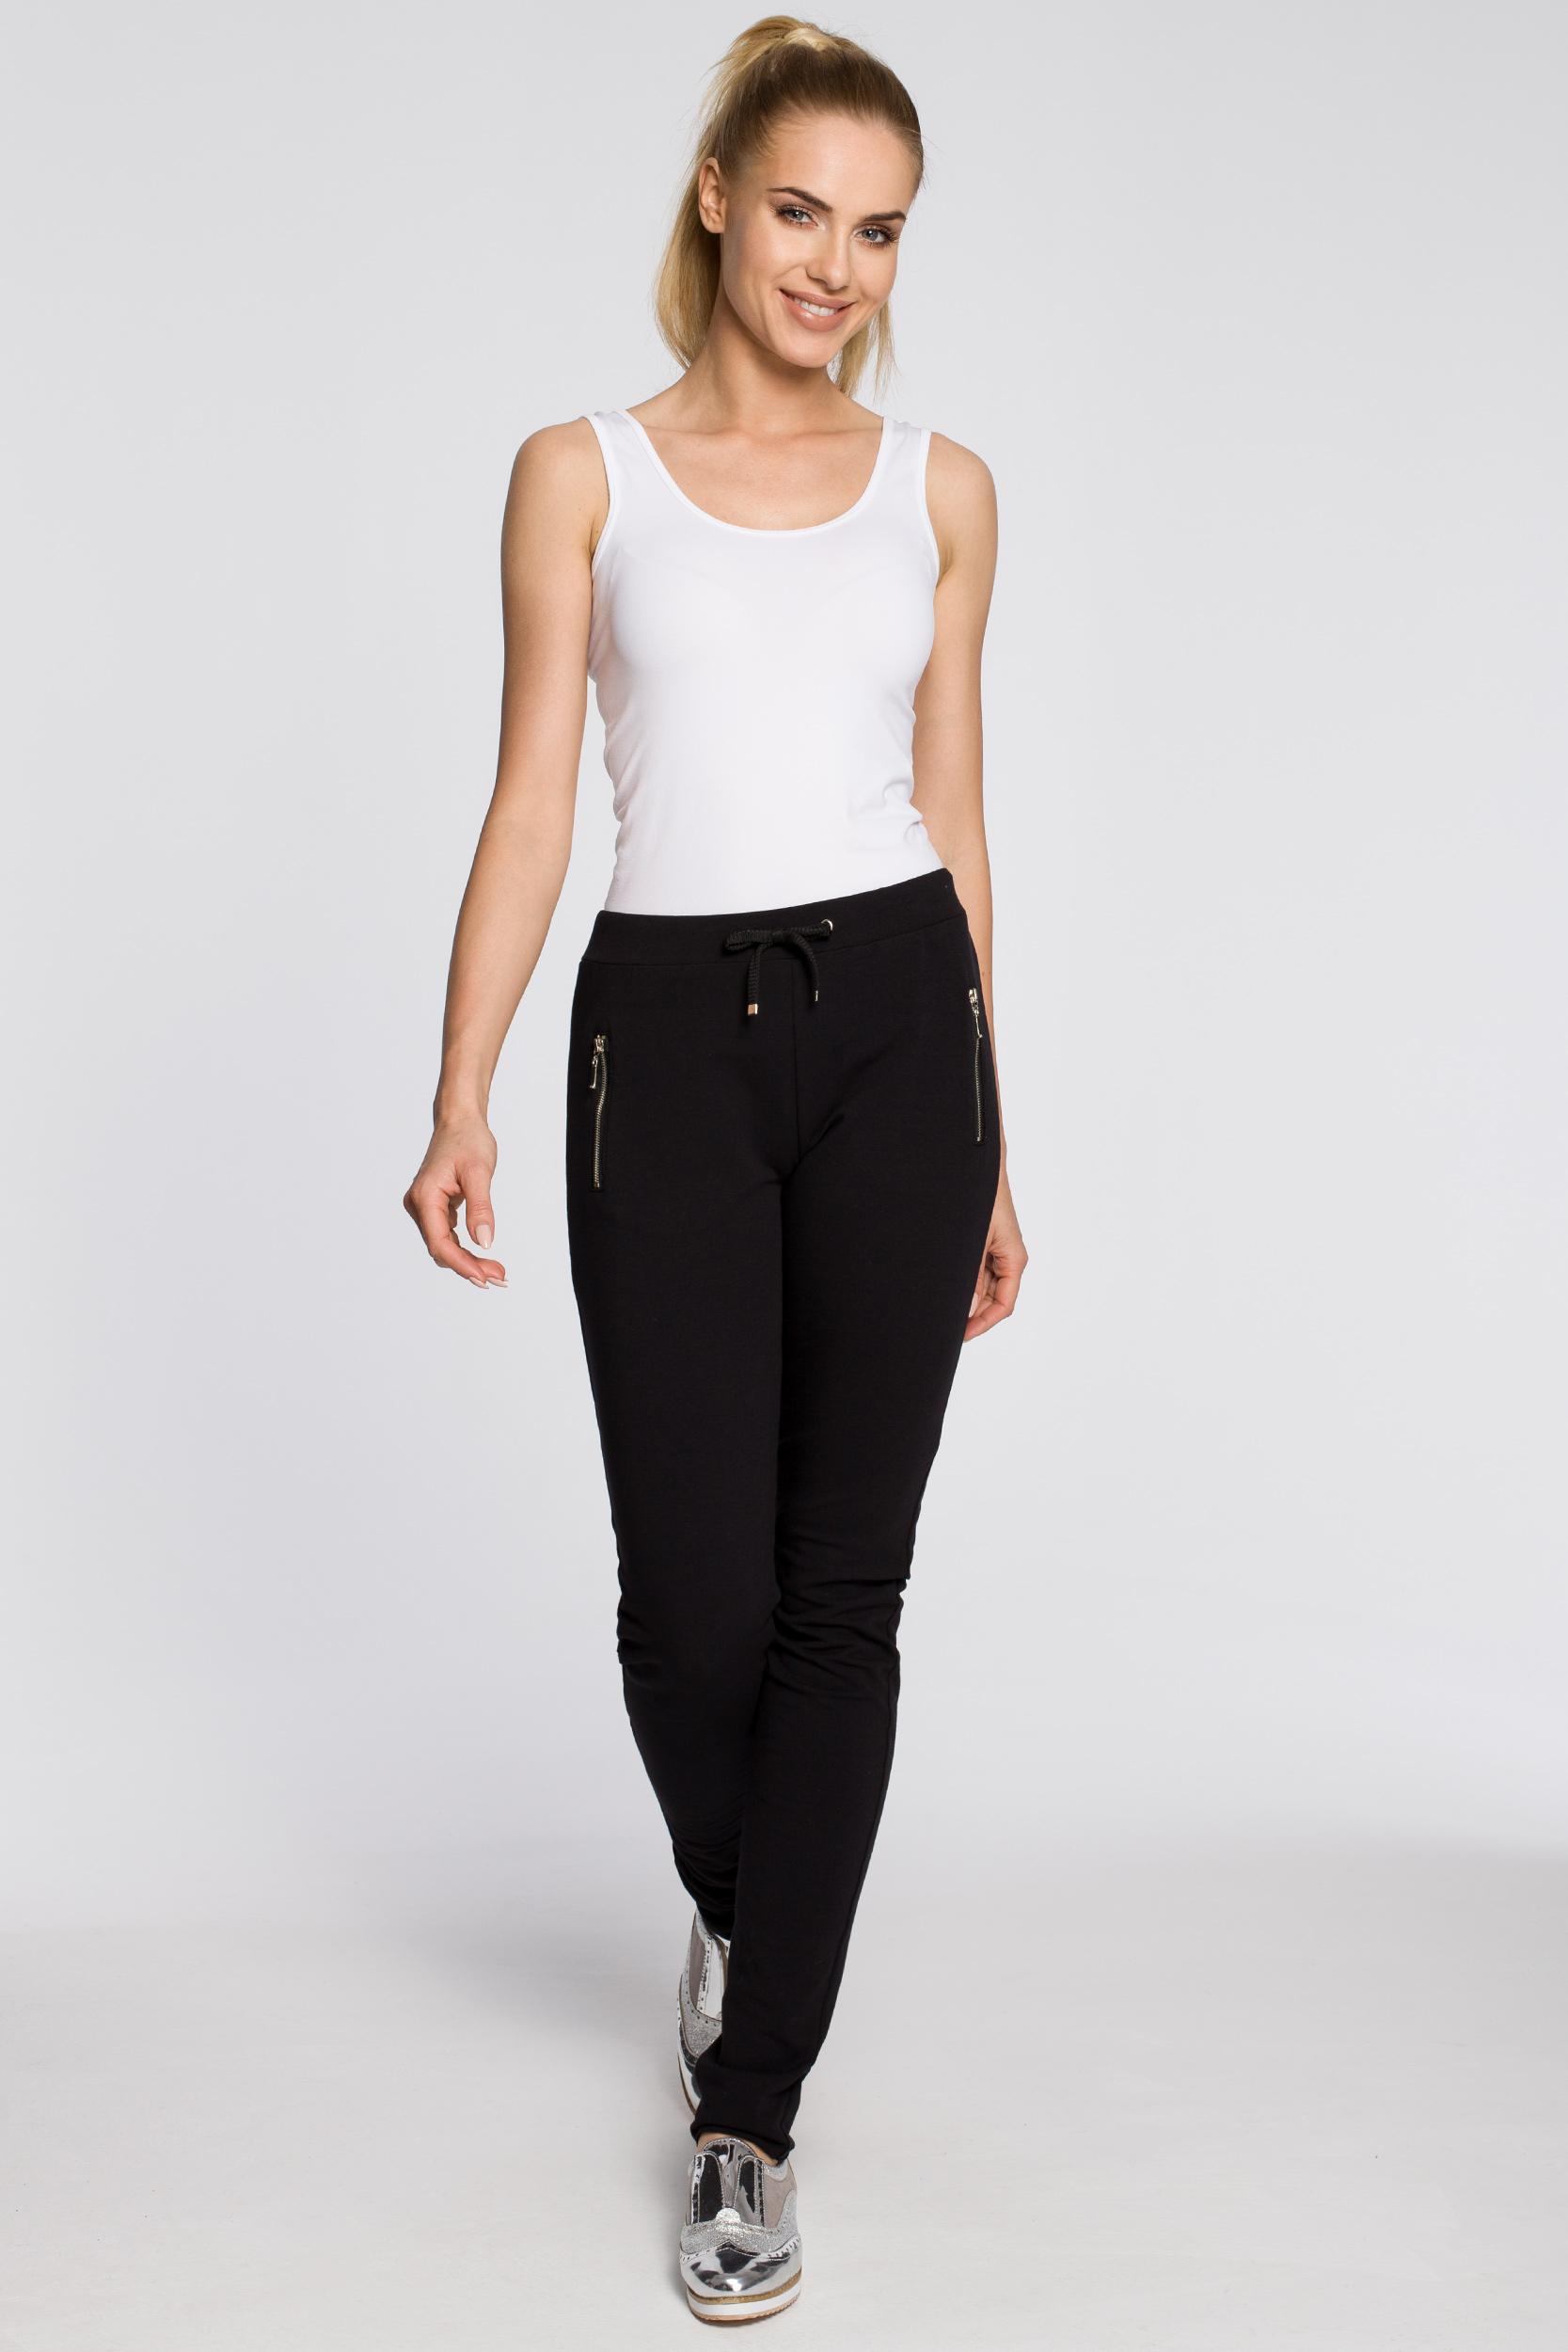 CM2210 Nowoczesne dresowe spodnie damskie - czarne